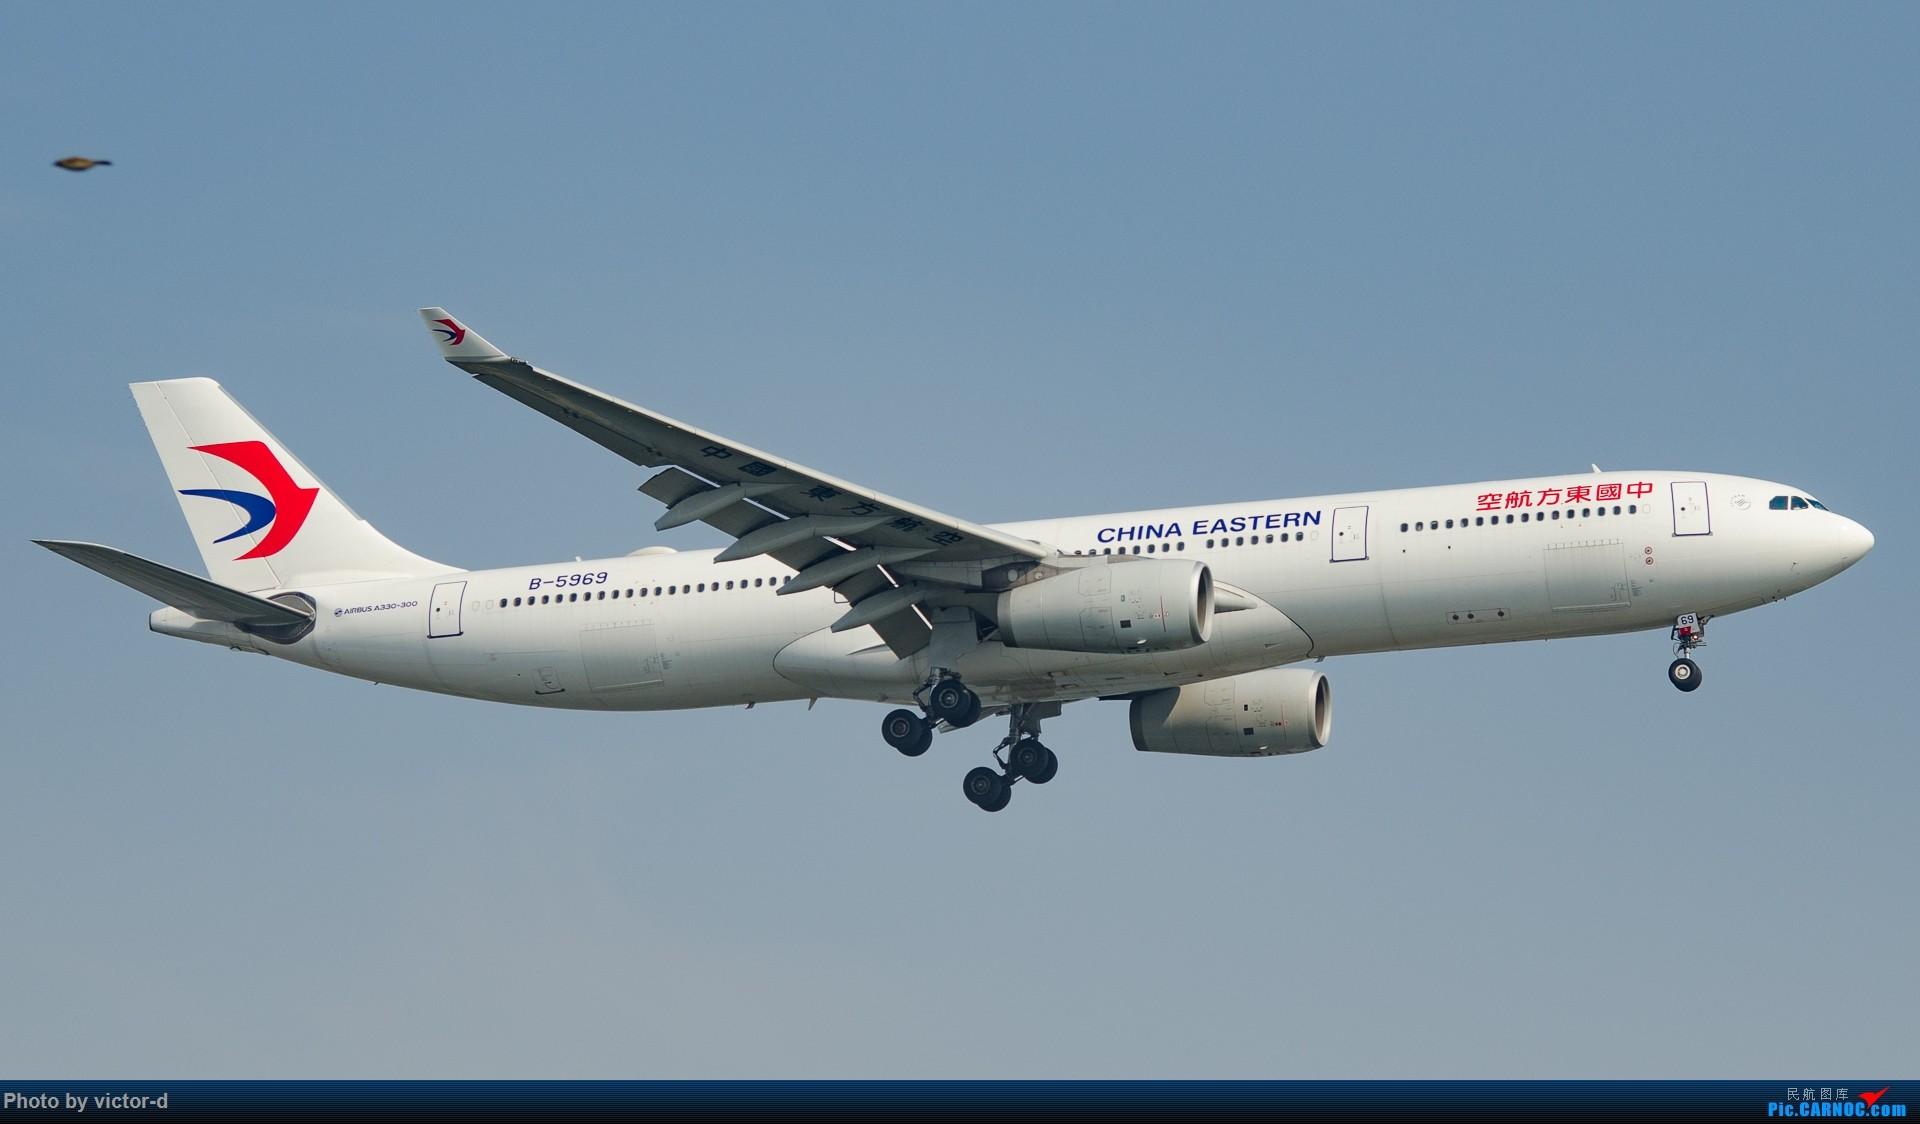 Re:[原创]【上海飞友会】拍机记录帖-记录这些年拍到的飞机-不定期更新 AIRBUS A330-300 B-5969 中国上海虹桥国际机场